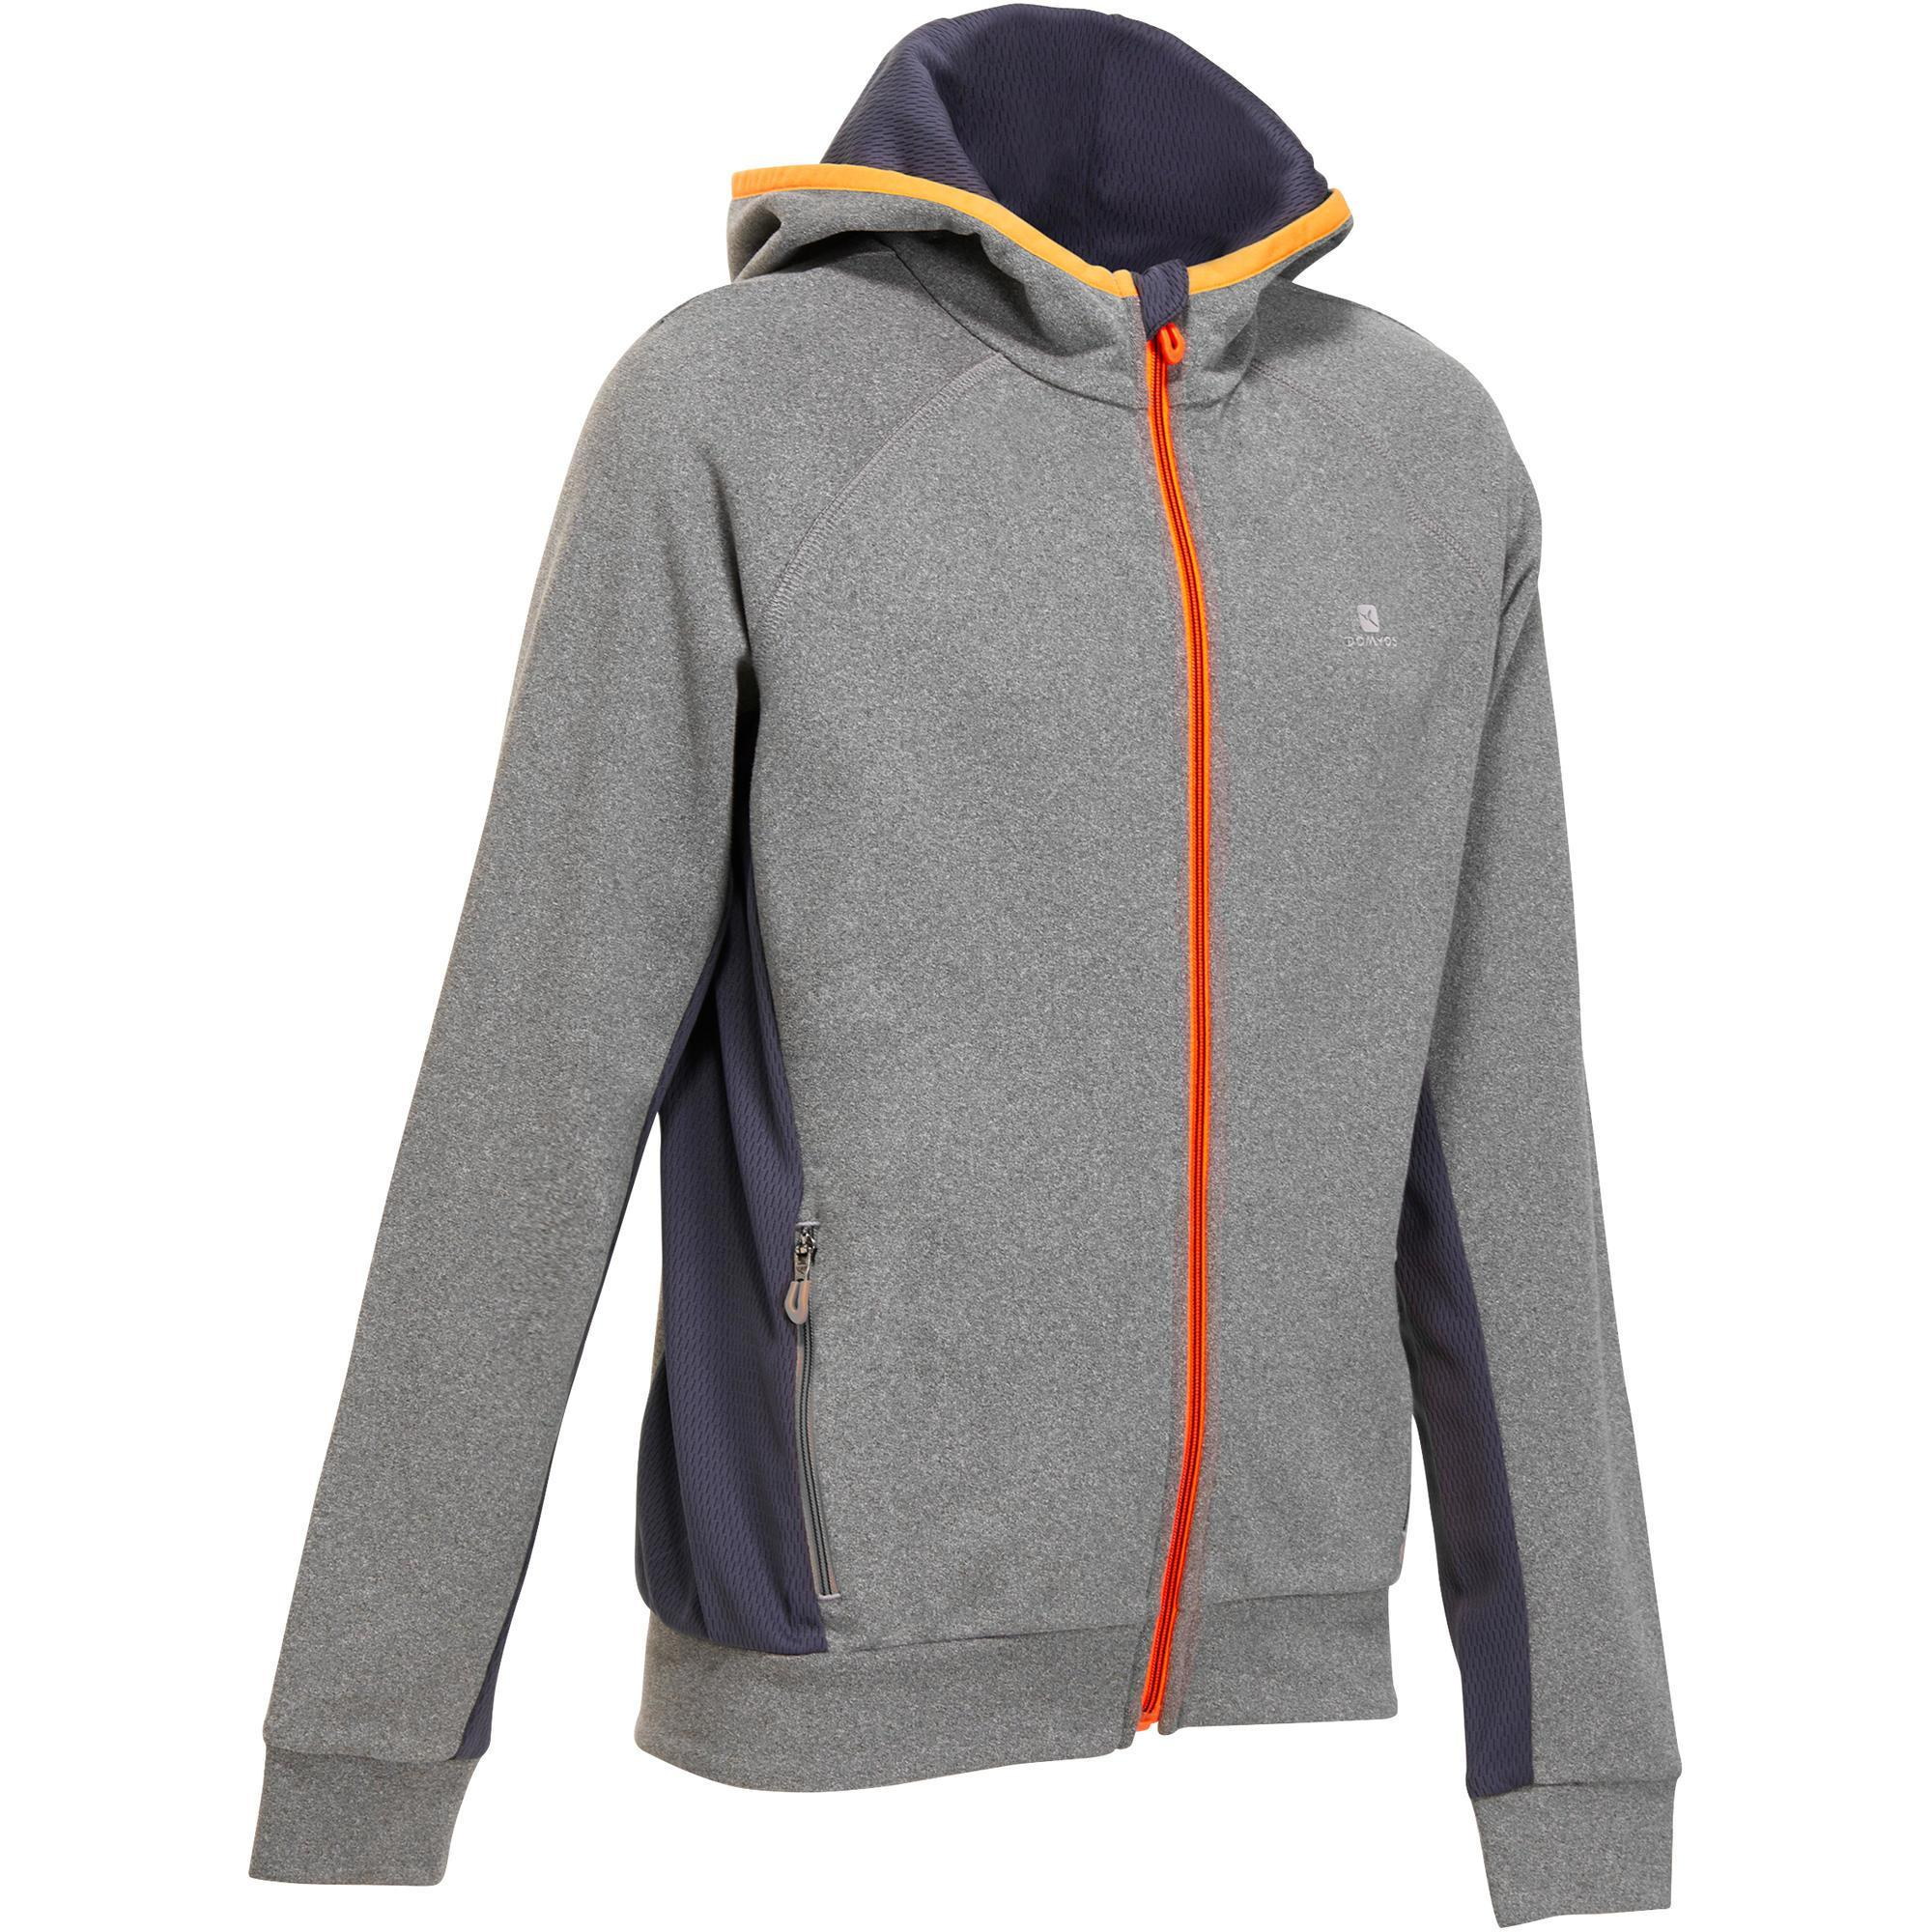 Felpa ginnastica bambino energy 980 grigio arancione - Felpa porta bebe decathlon ...